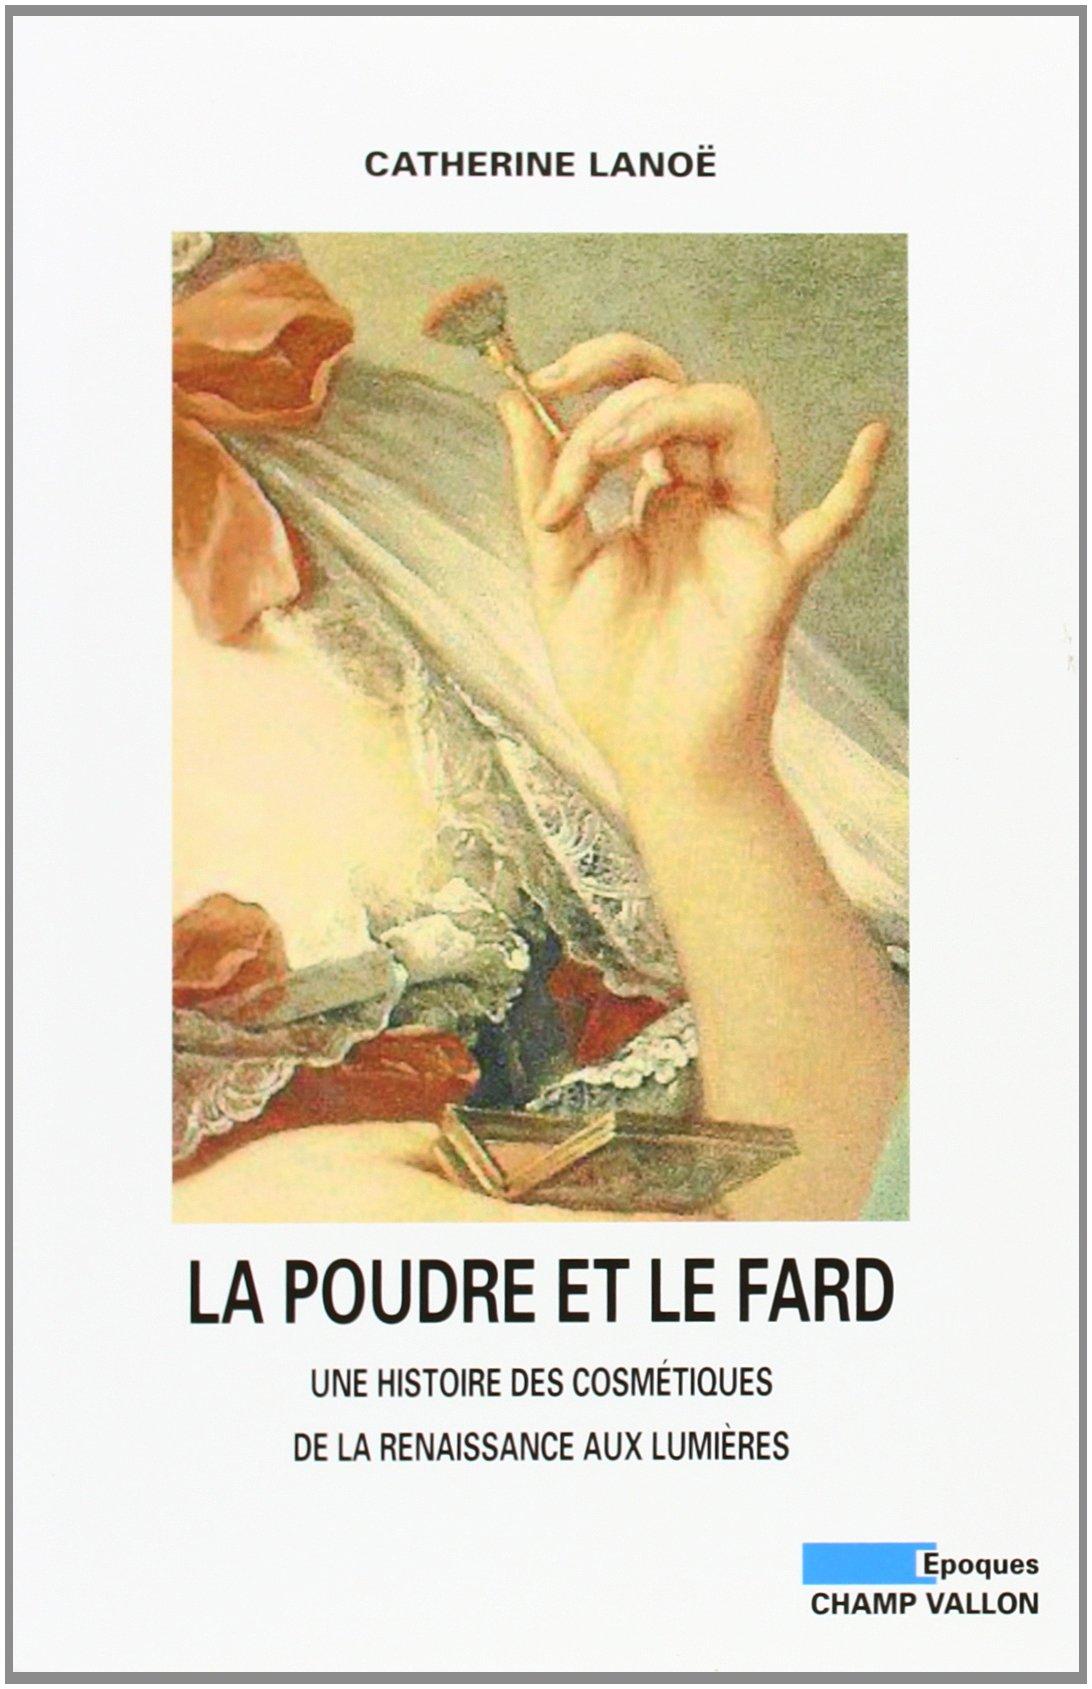 La poudre et le fard : Une histoire des cosmétiques de la Renaissance aux Lumières